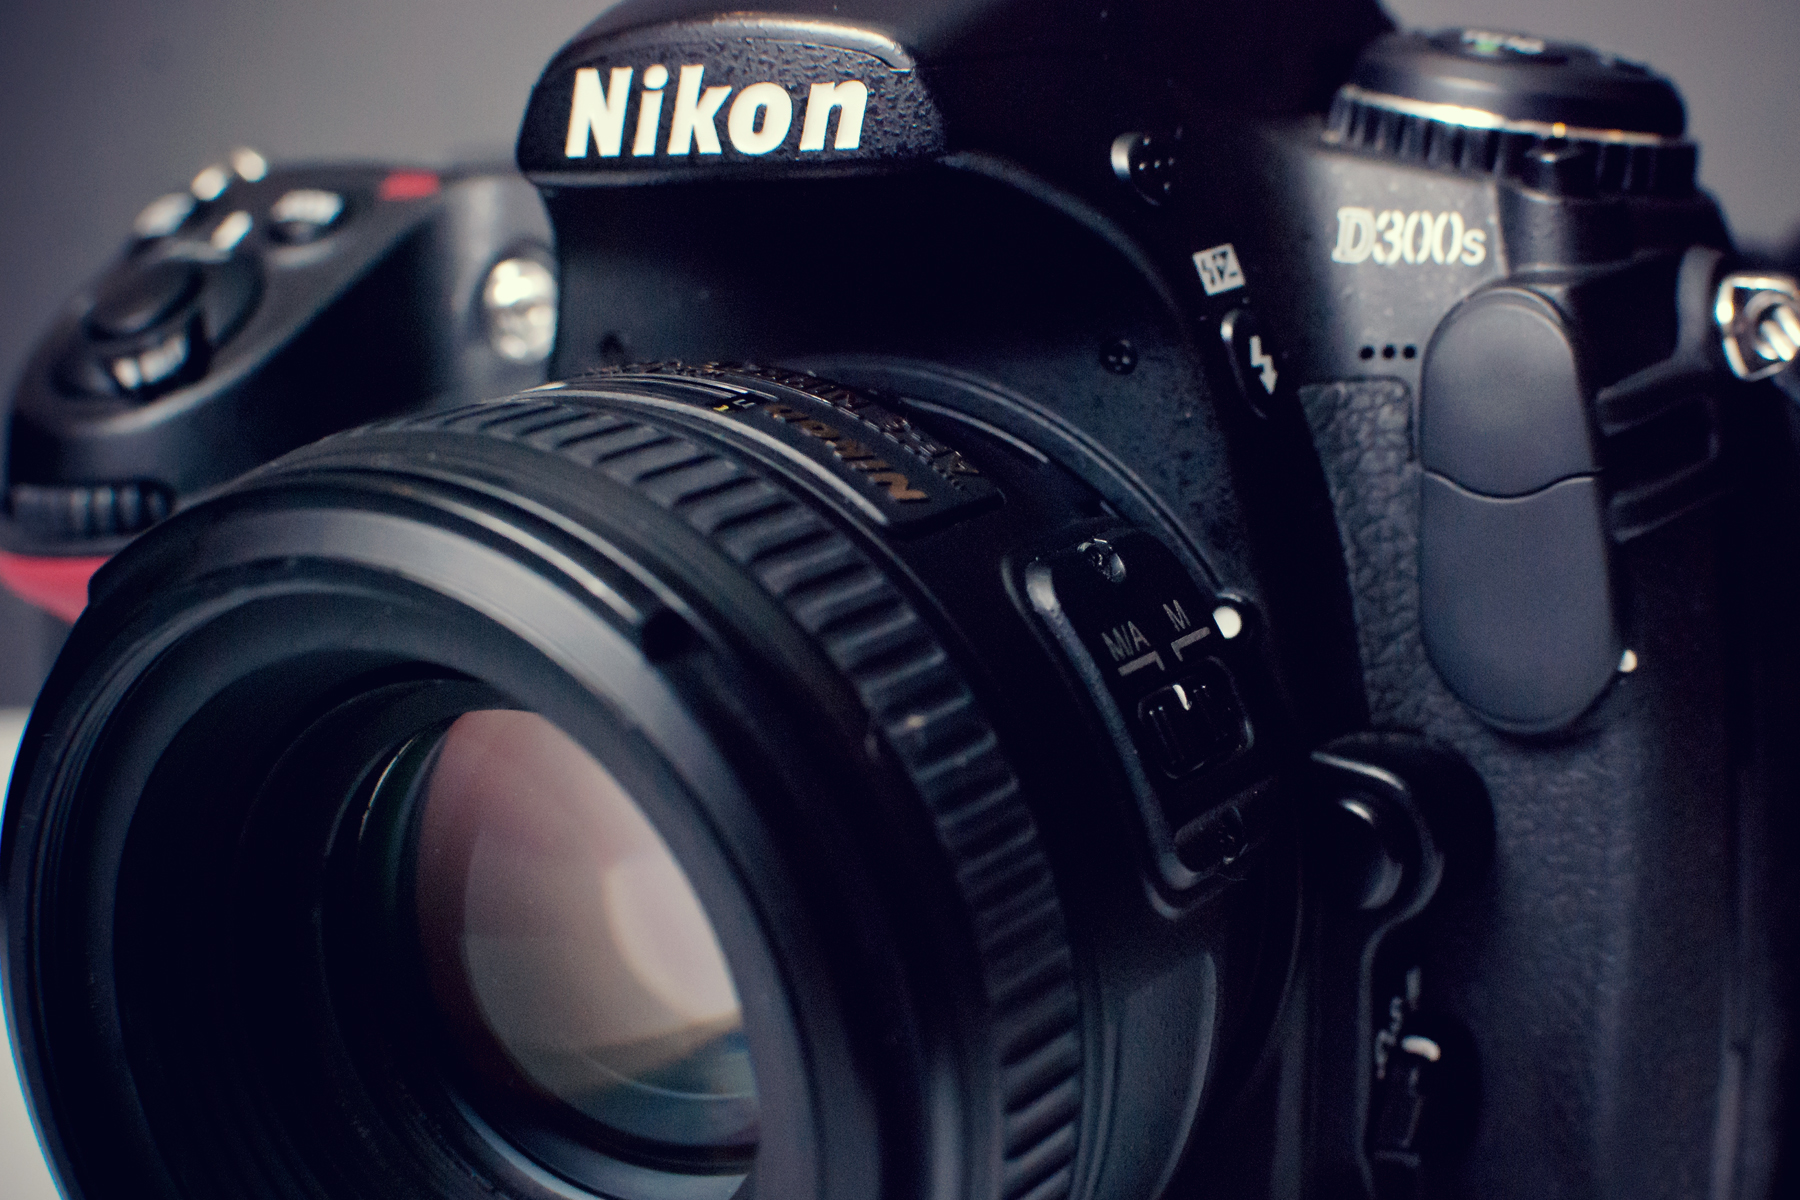 nikon, d300, camera